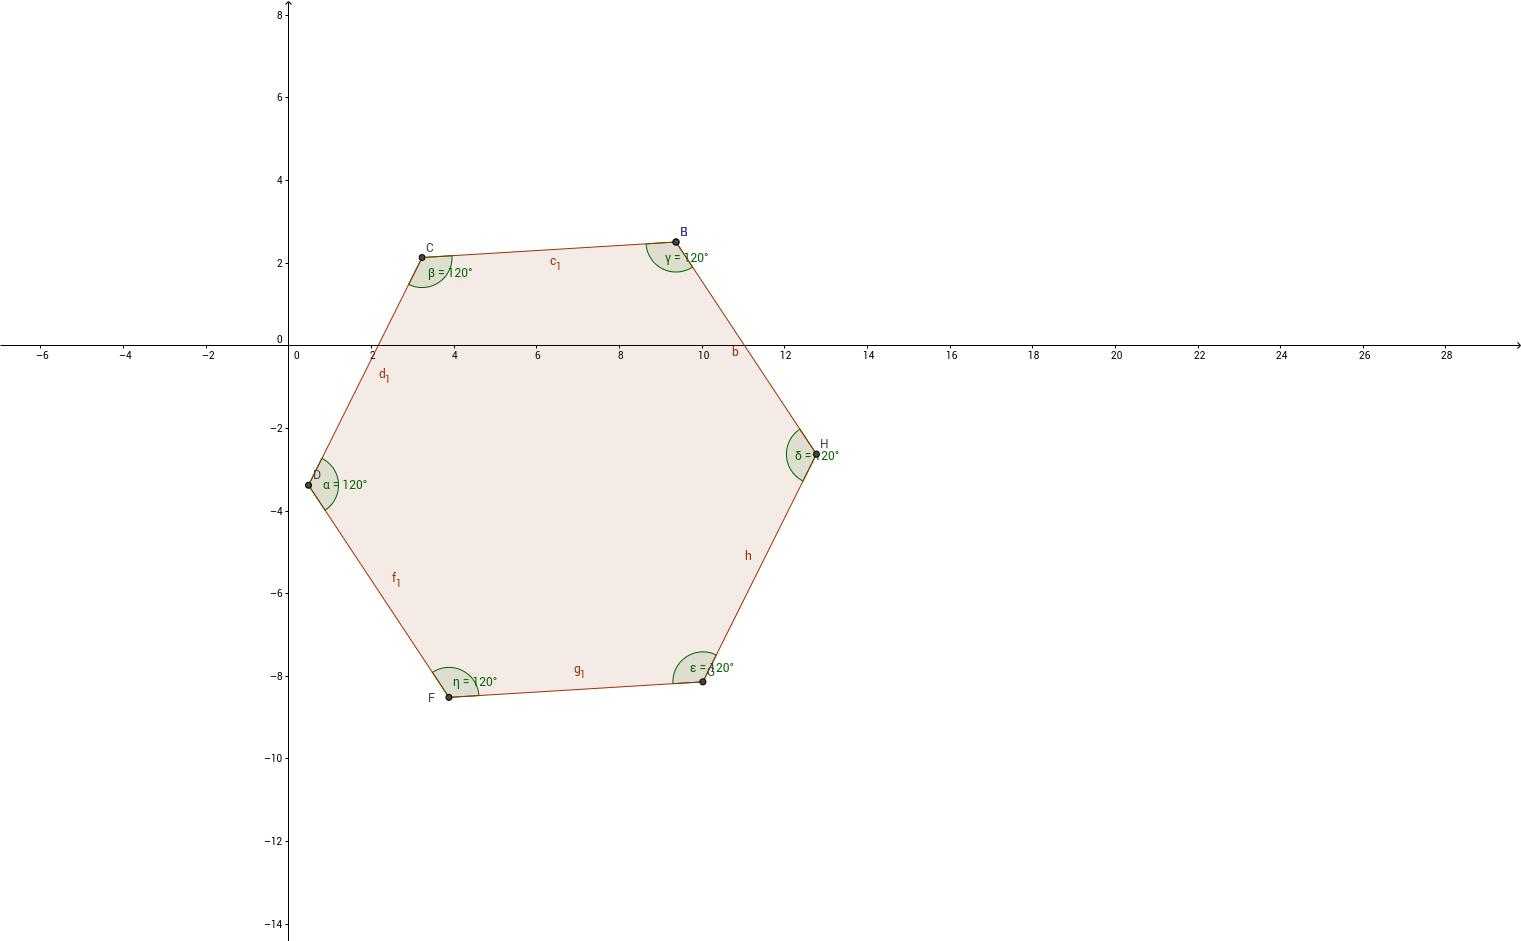 2.2 Hexagon